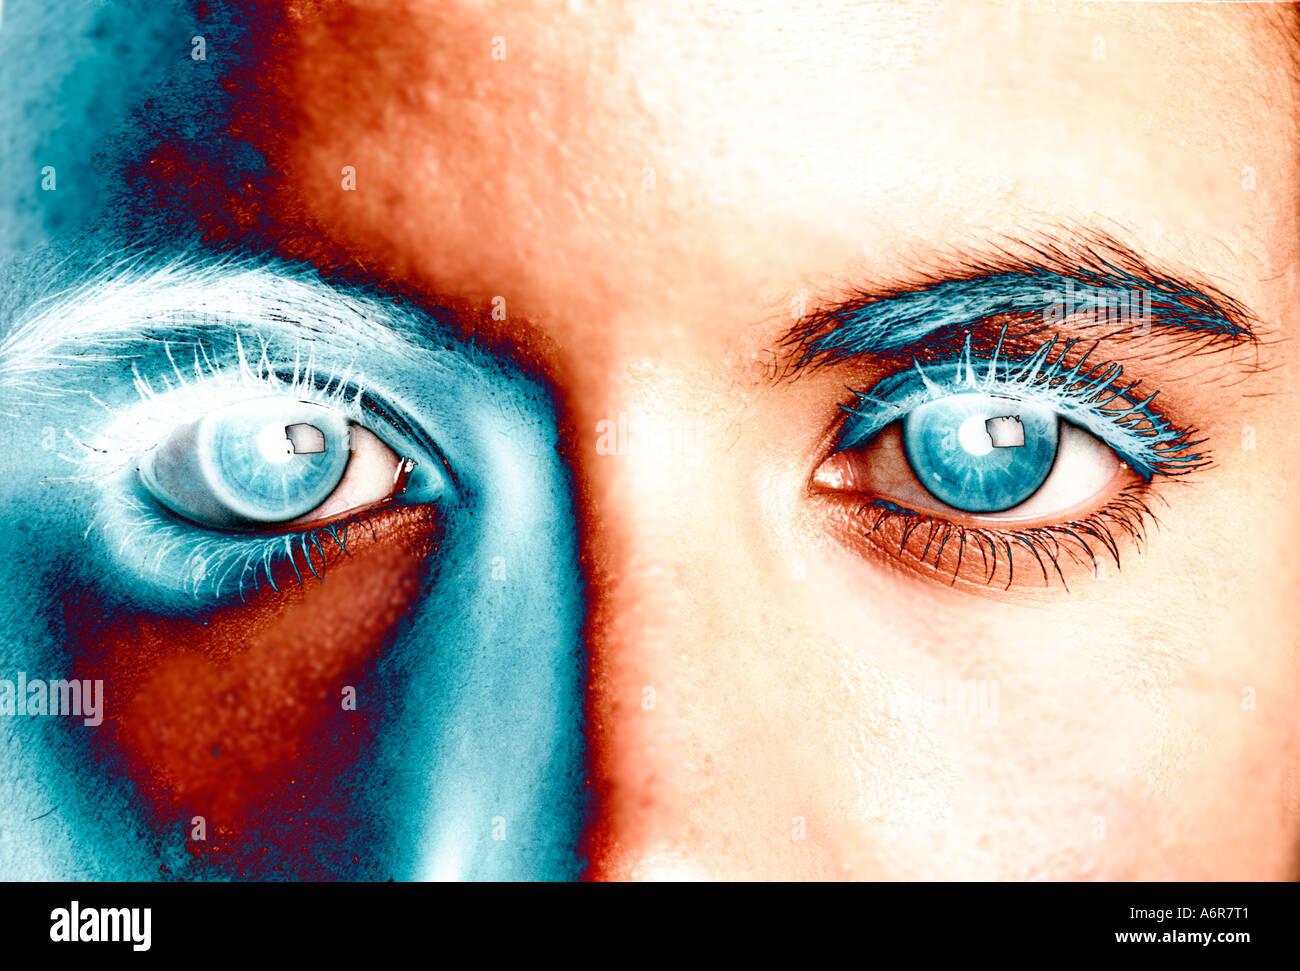 Konzept-Closeup solarisierte Augen einer jungen Frau Stockbild